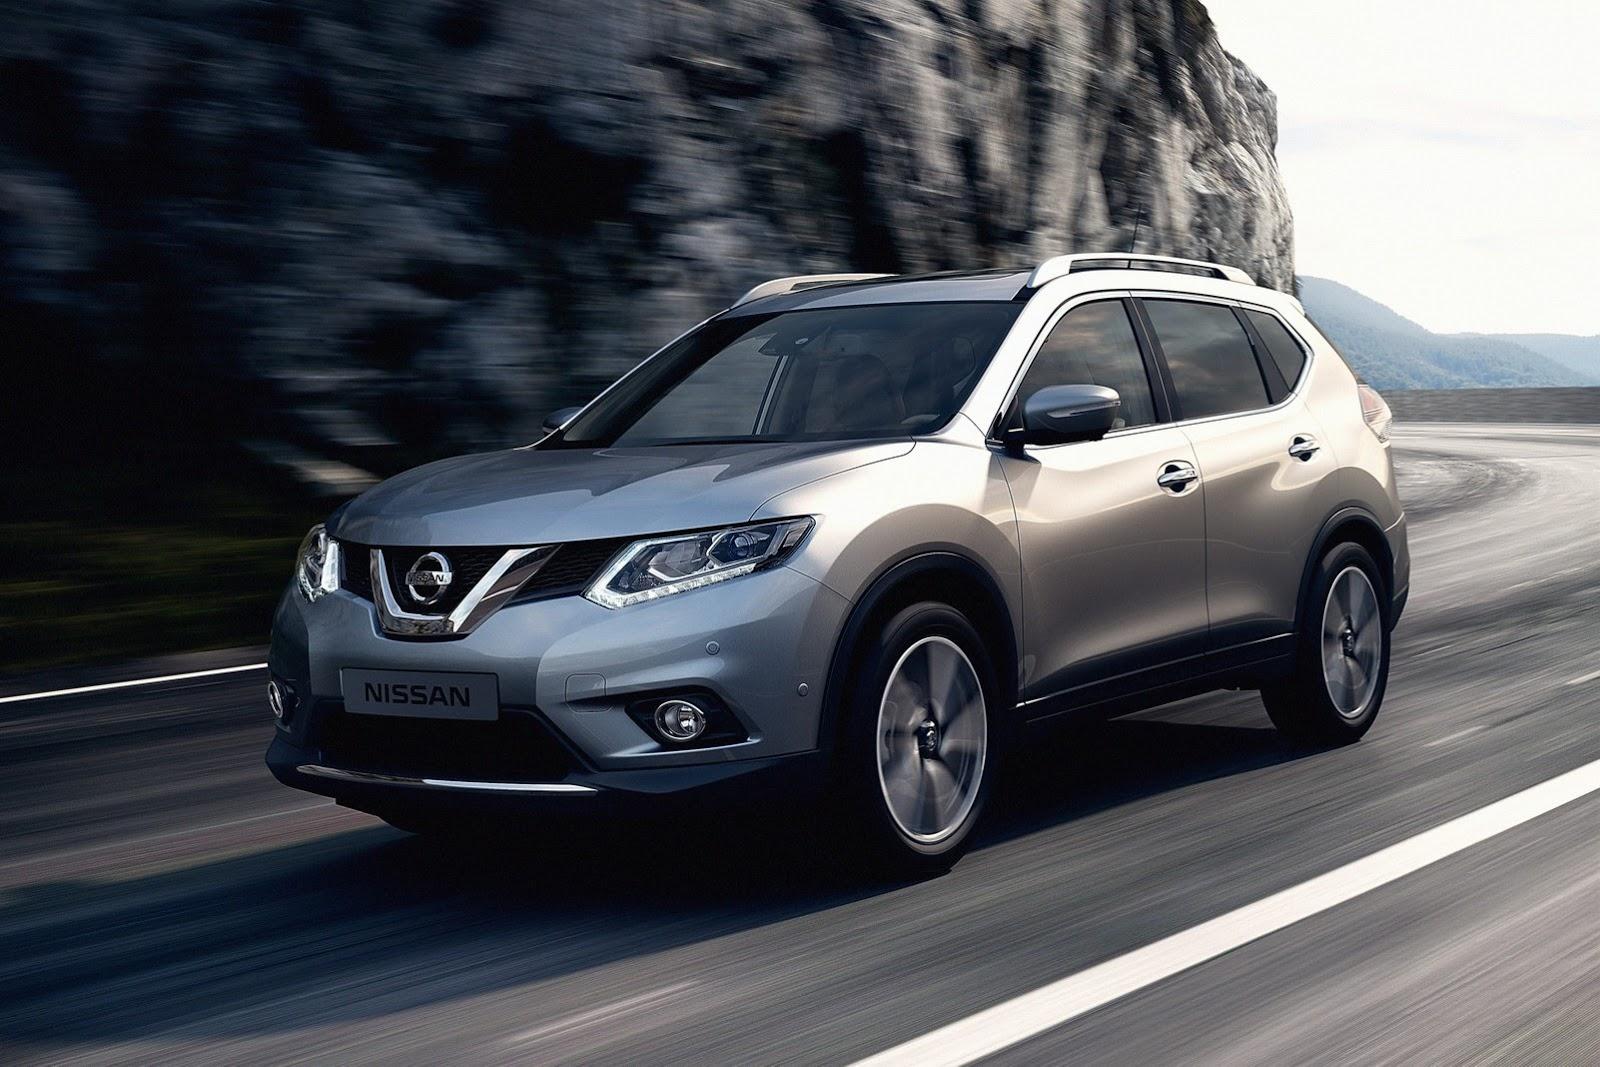 2014-Nissan-X-Trail-Rogue-1%25255B2%25255D.jpg